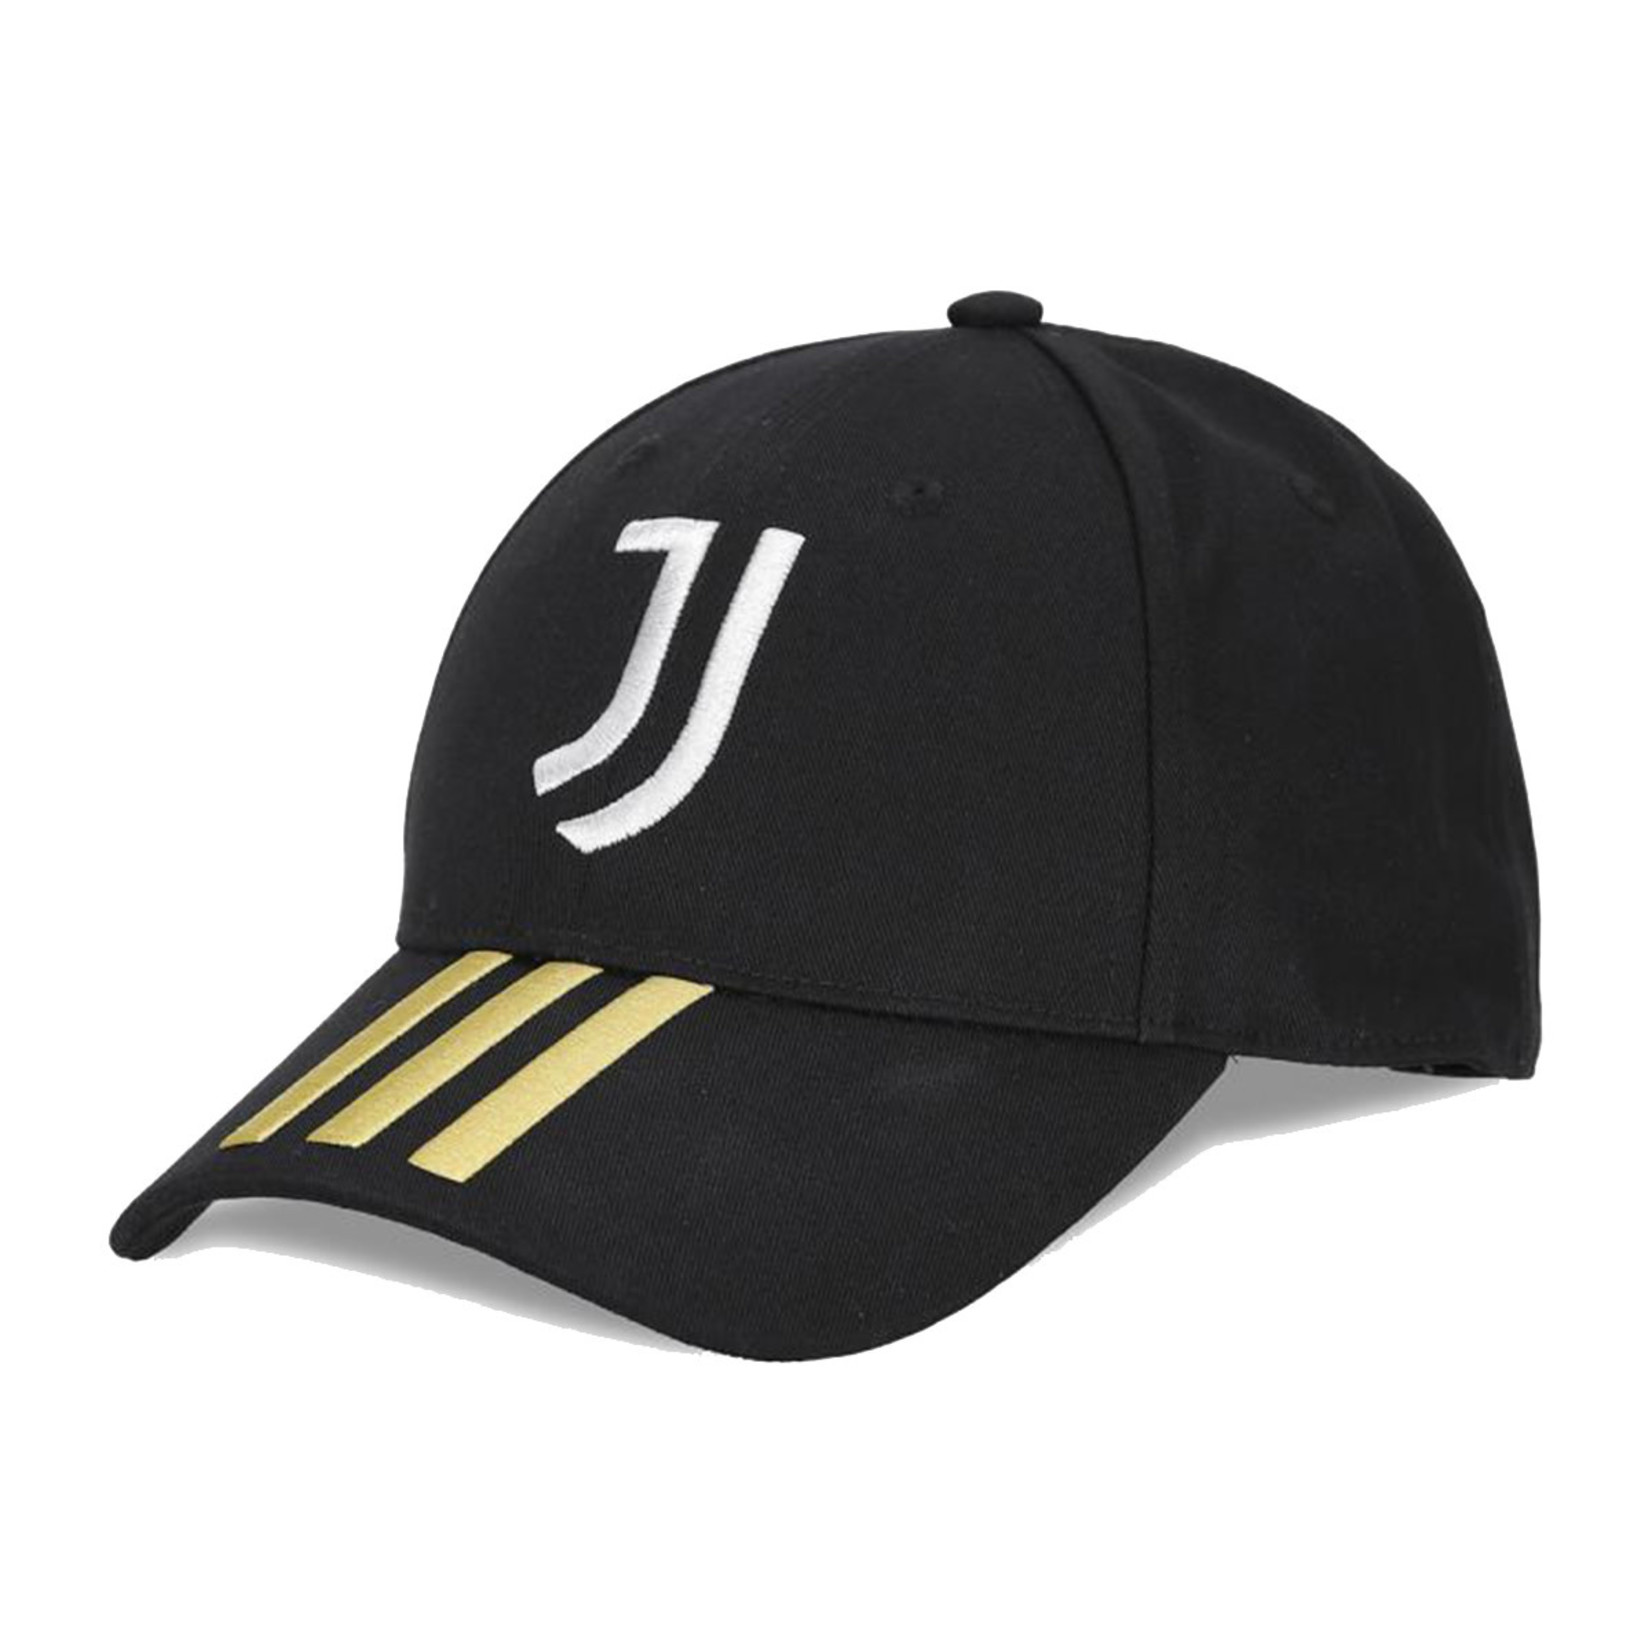 ADIDAS JUVENTUS 20/21 BB CAP